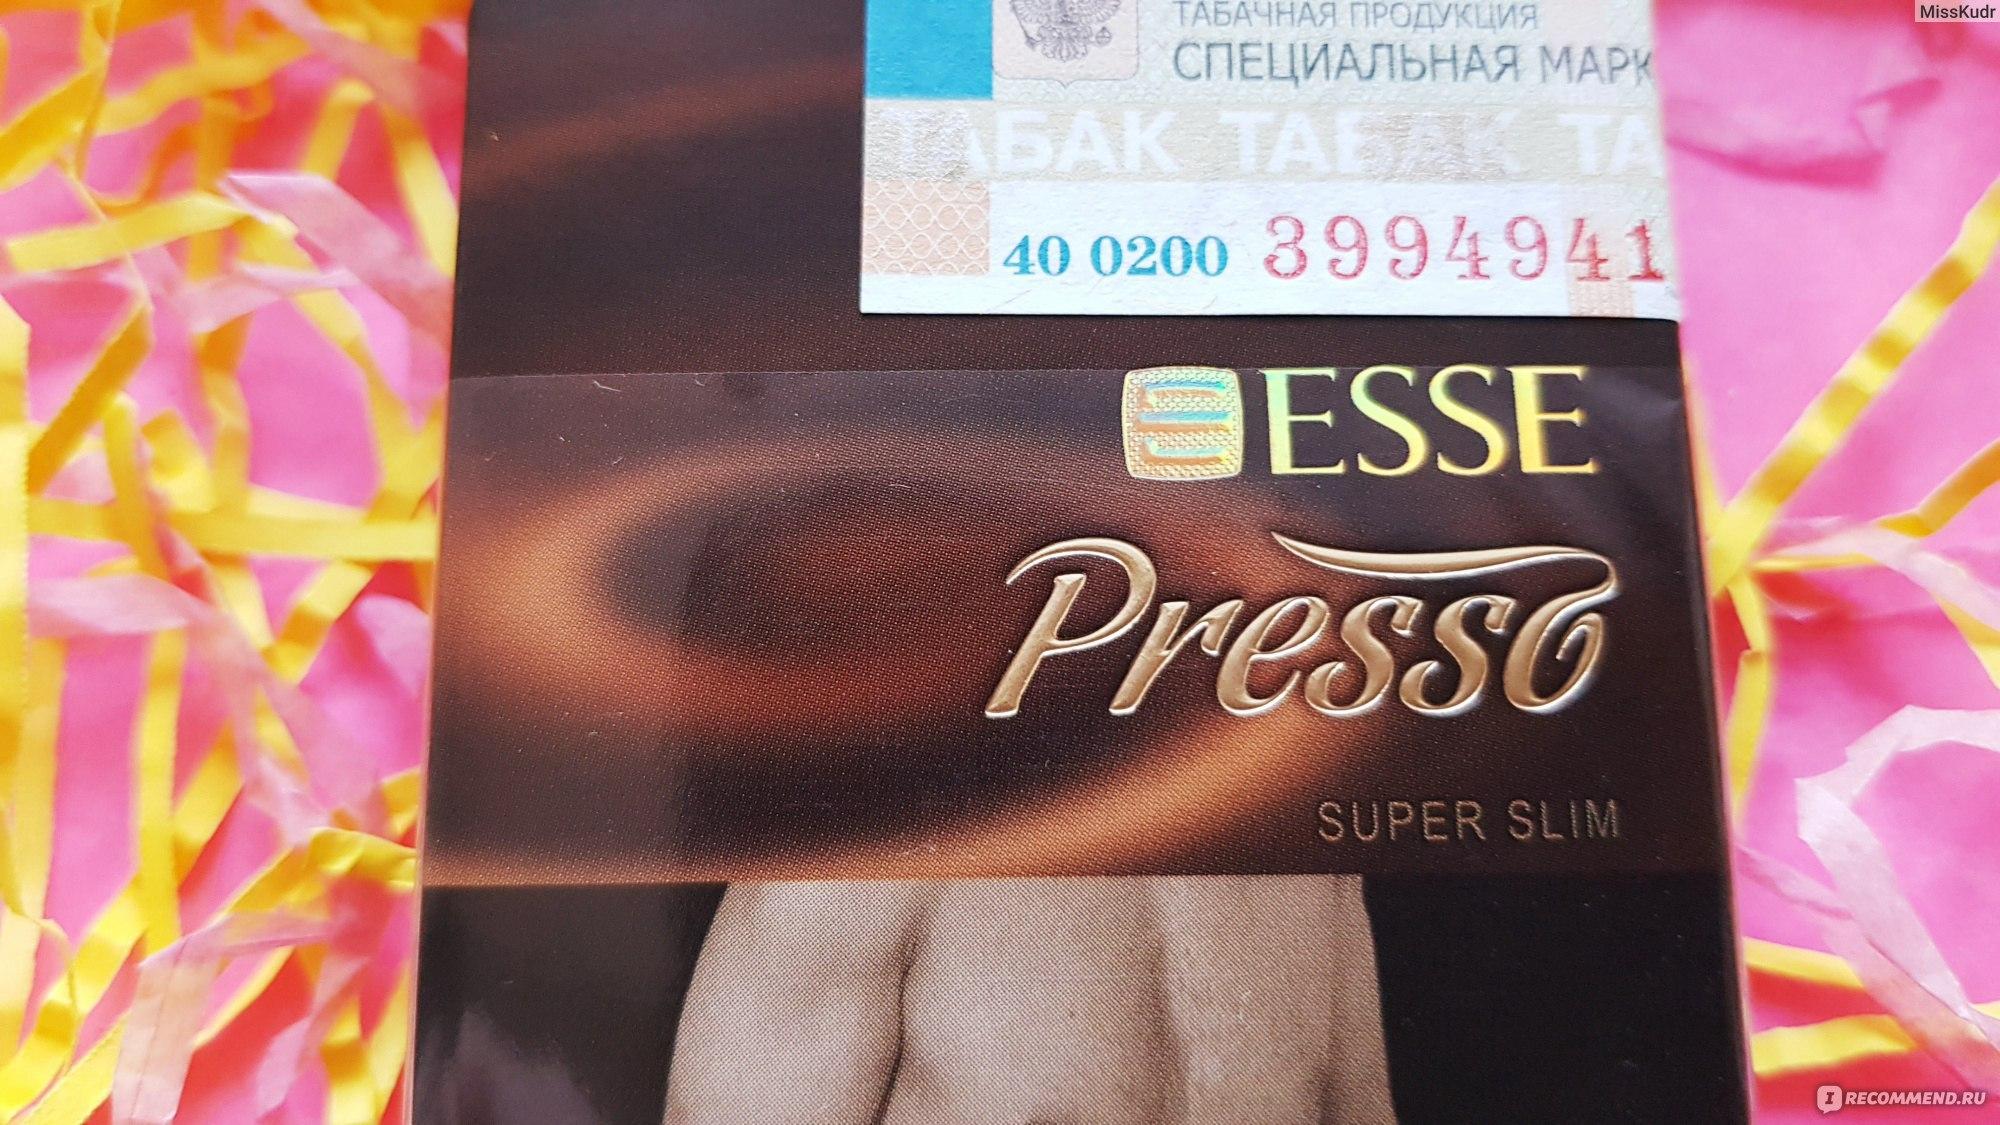 Сигареты esse presso купить сигареты сигарон где купить